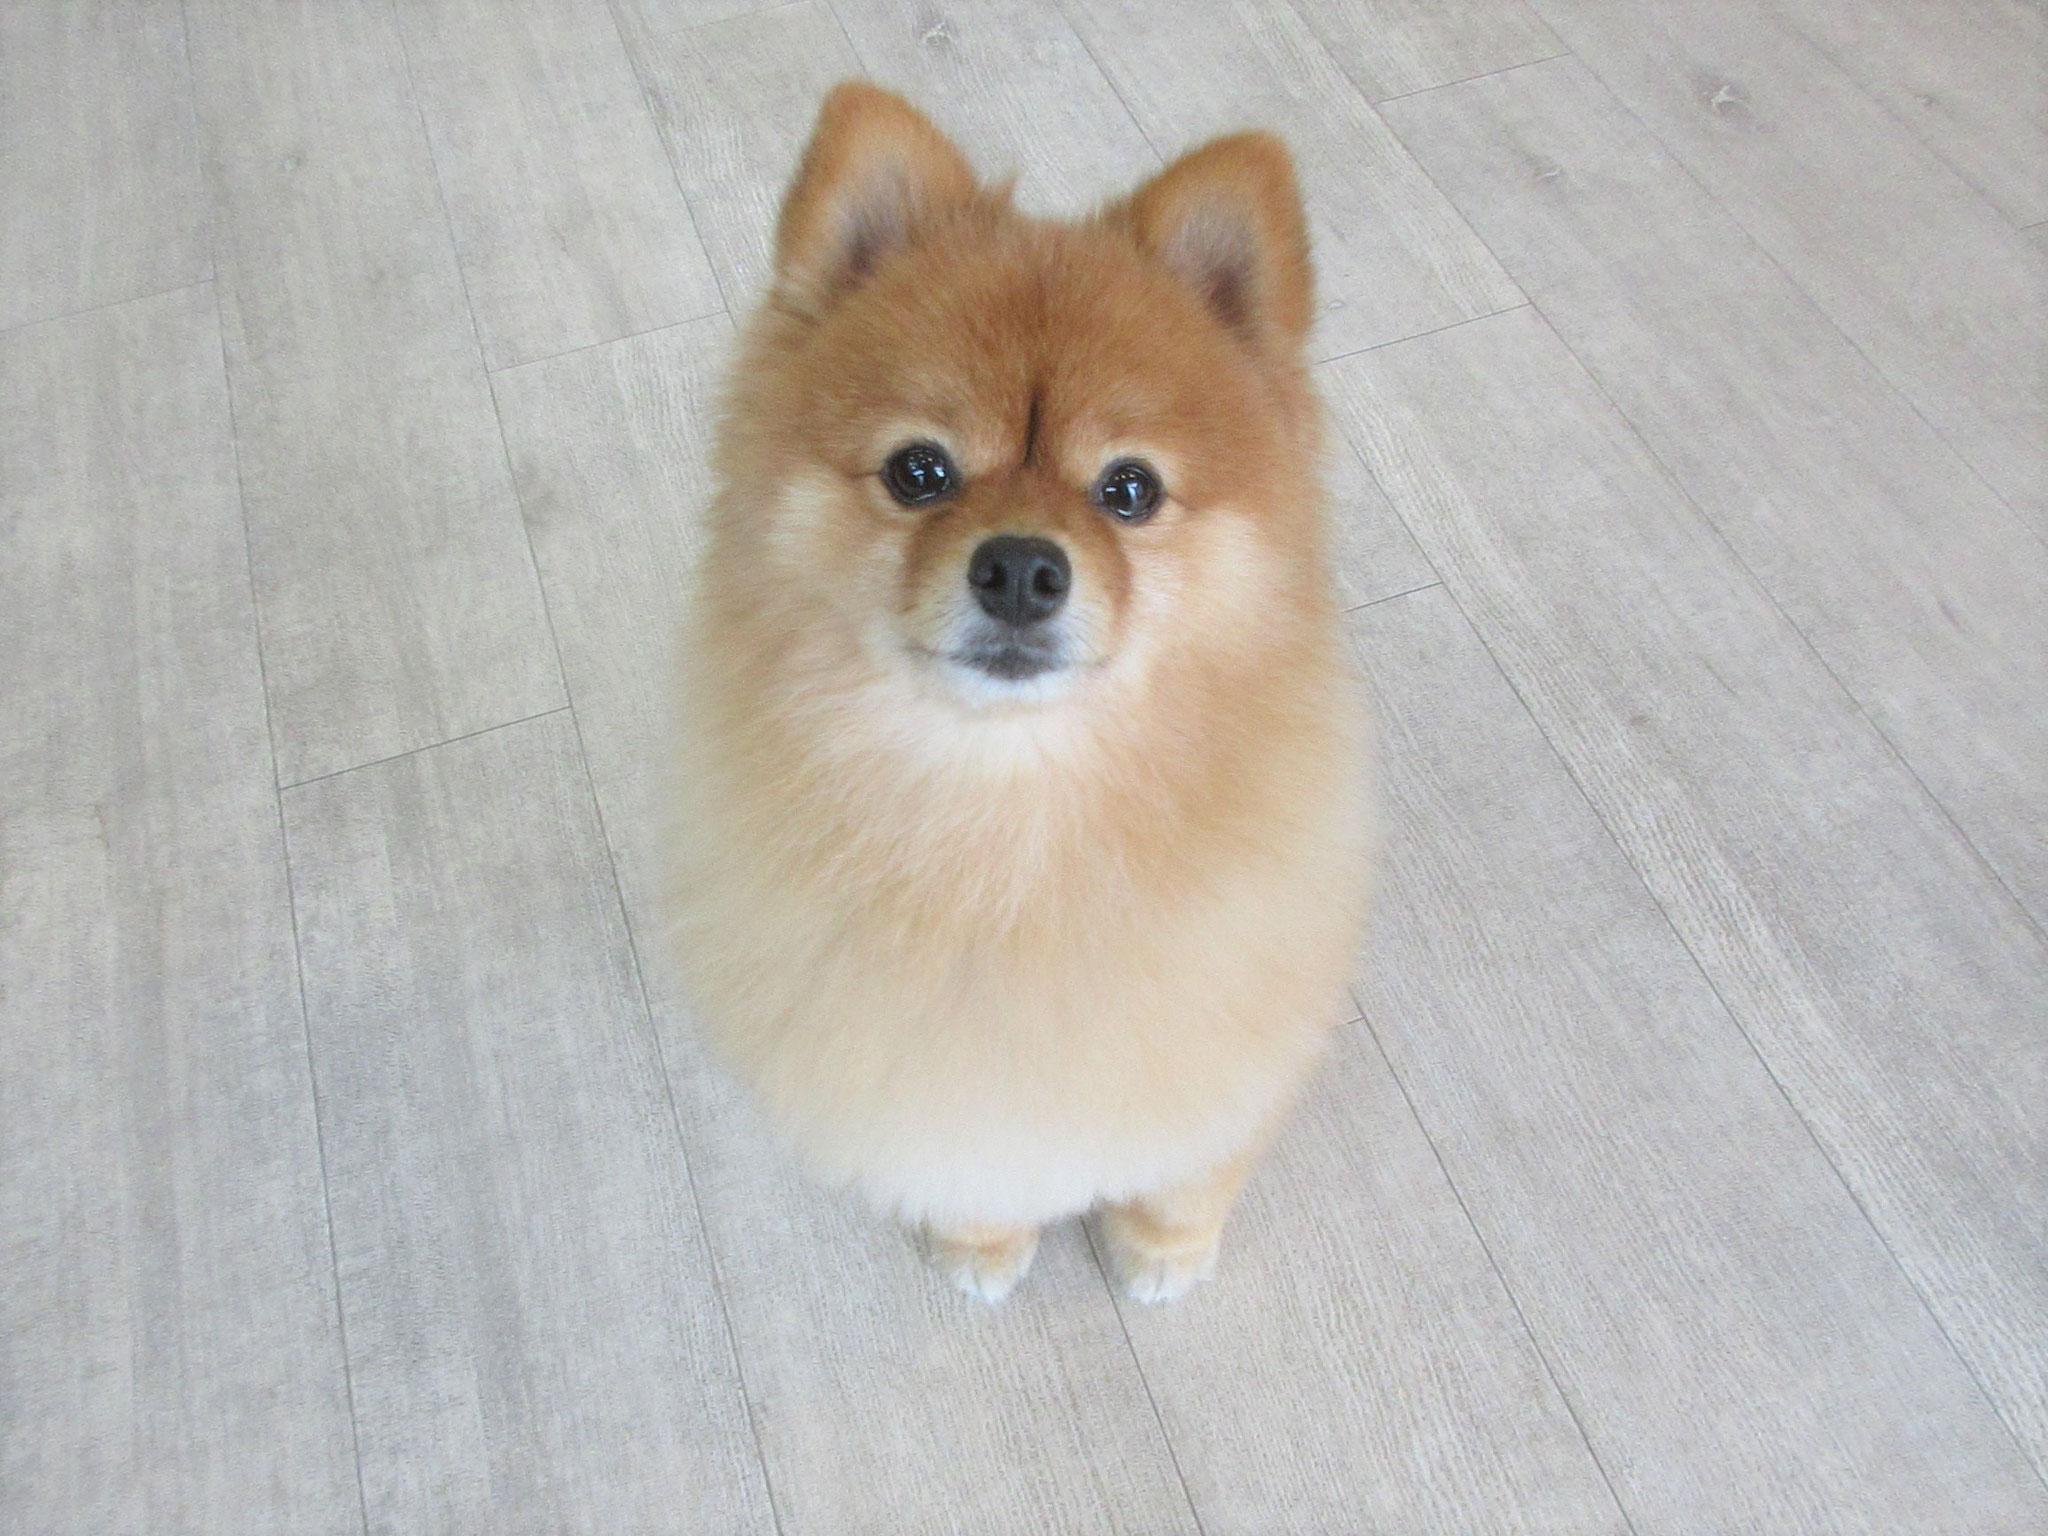 ラッキーくん・犬の保育園Baby・犬・犬のしつけ・犬の社会化・習志野市・八千代市・船橋市